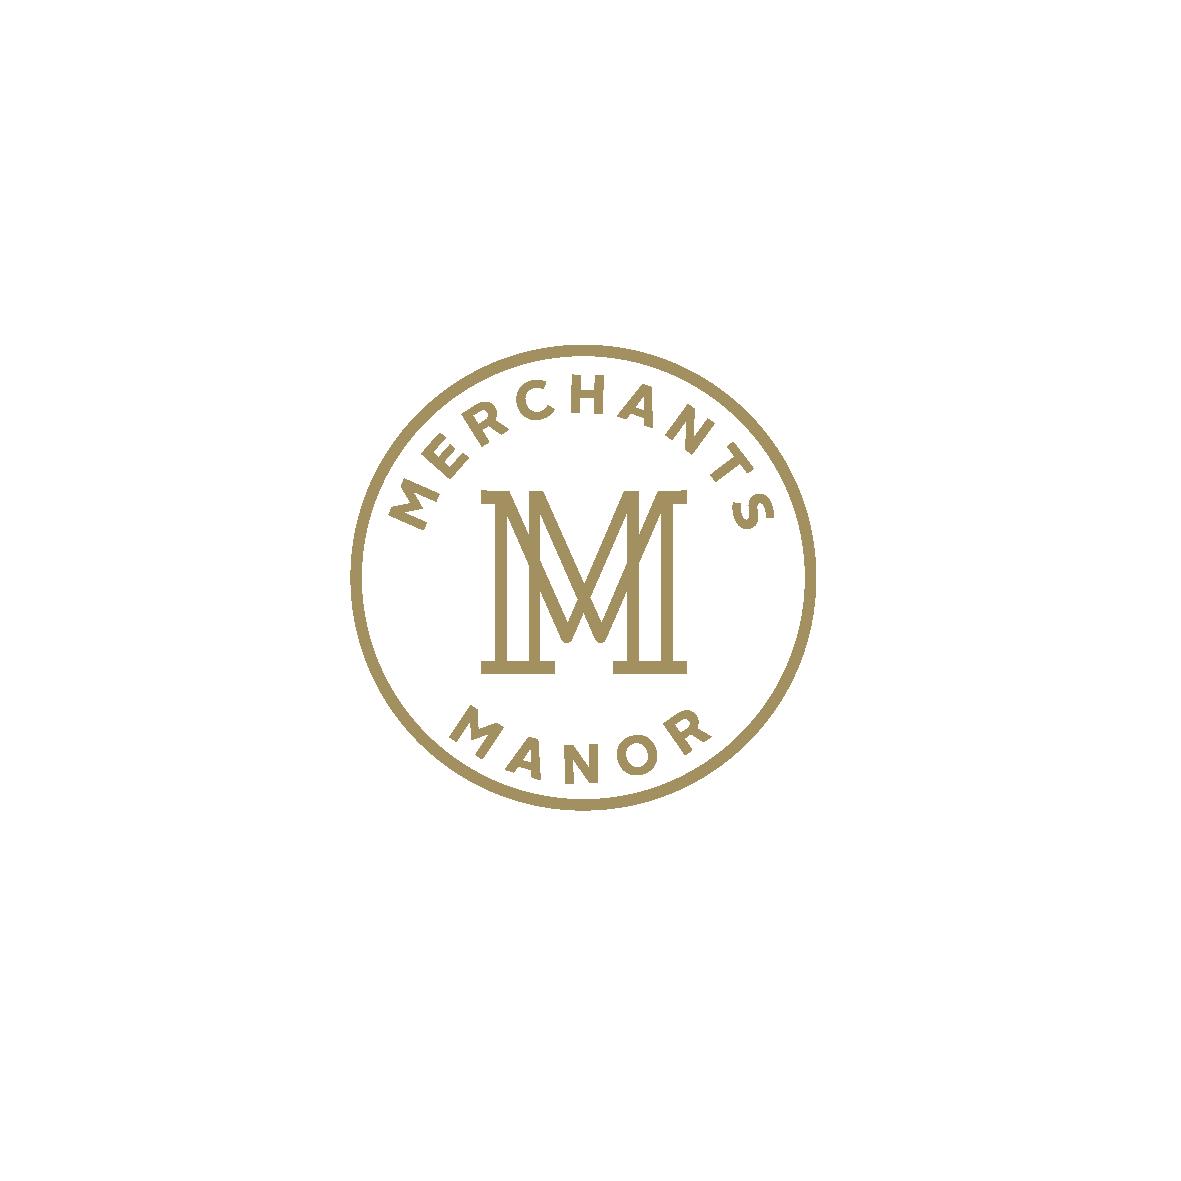 Merchants Manor